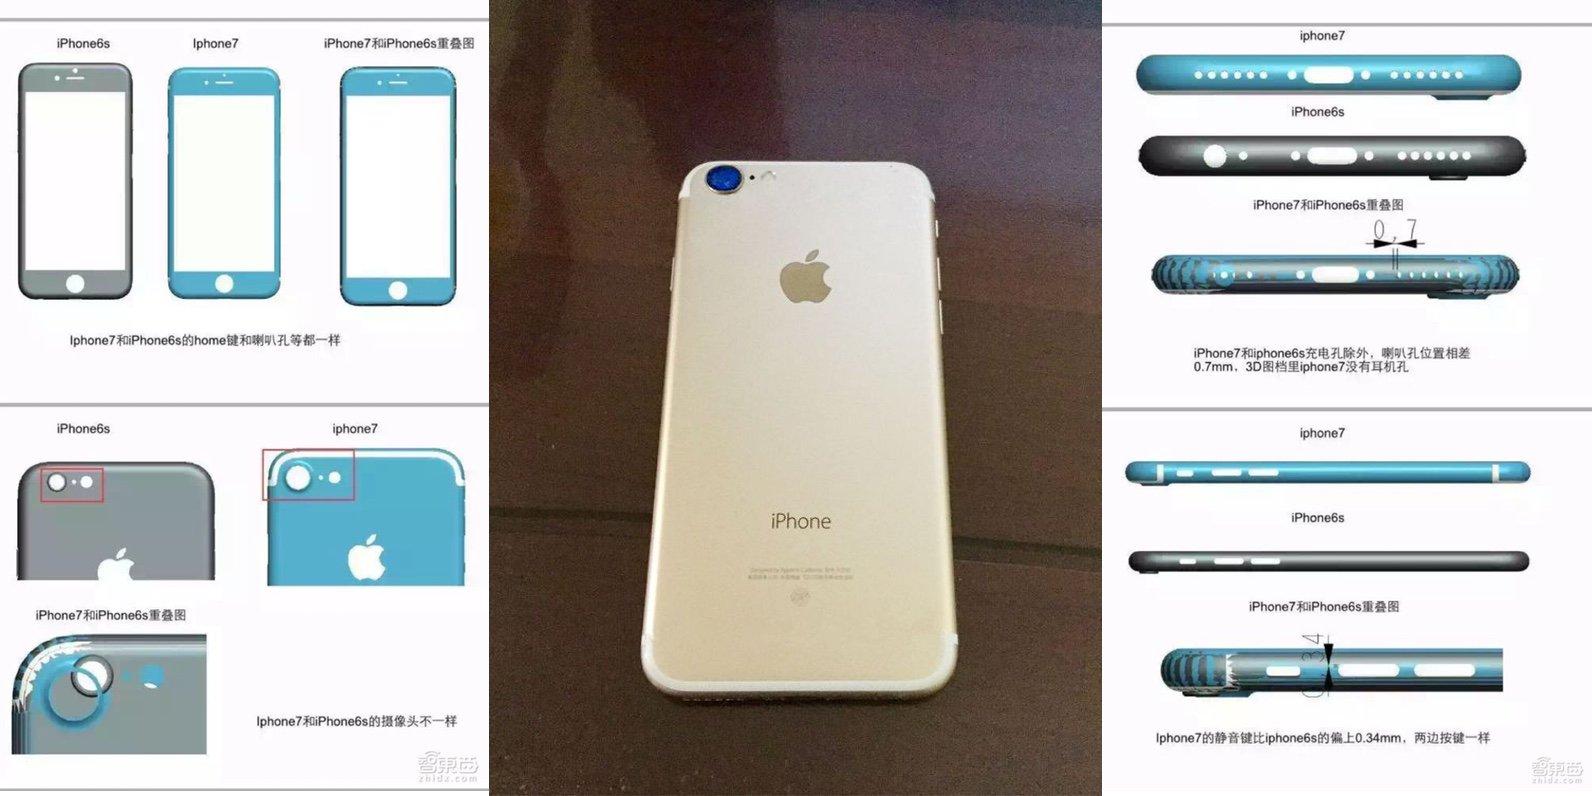 Camara de iPhone 7